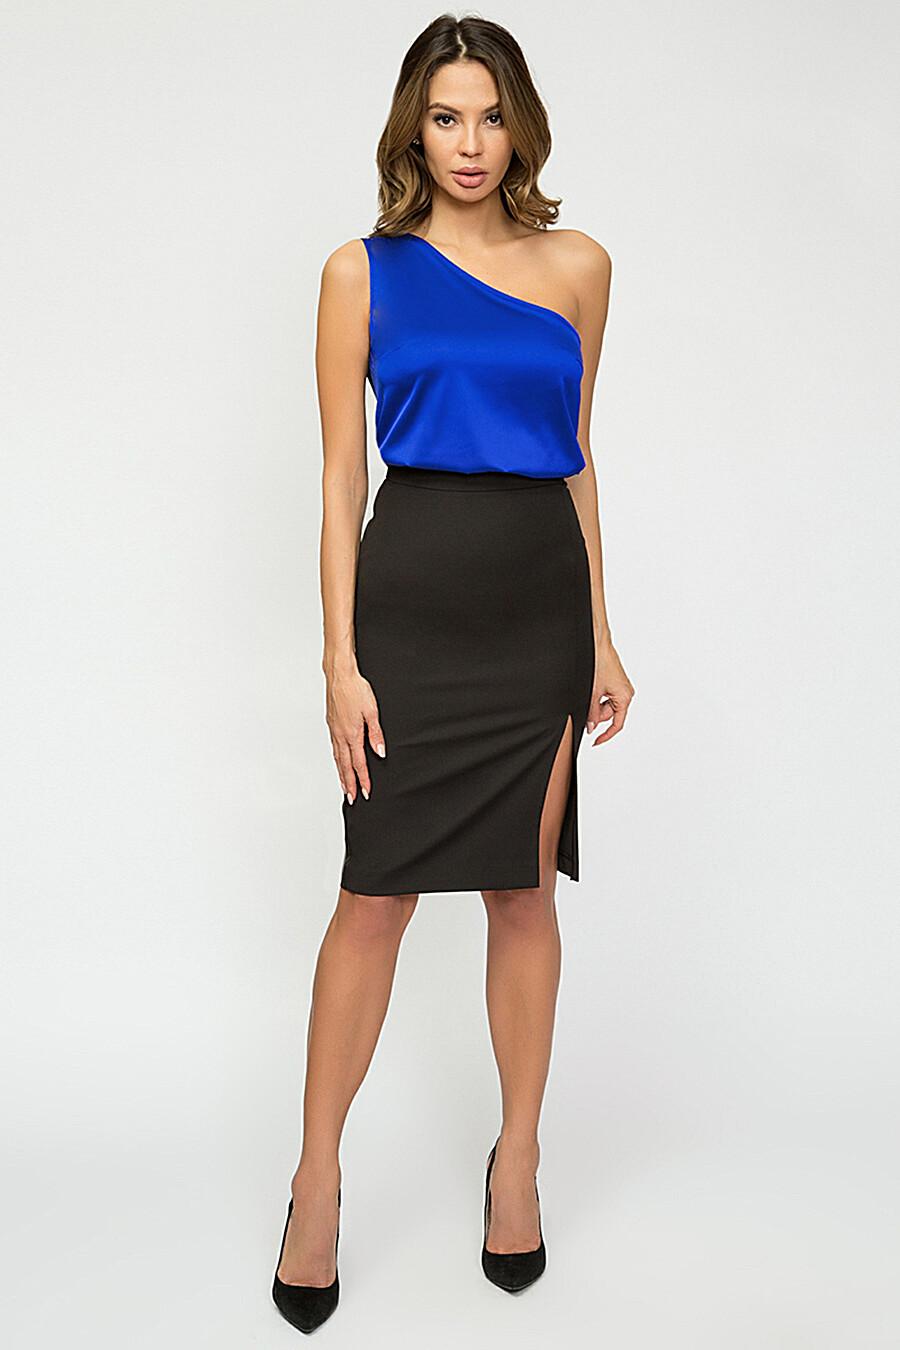 Топ для женщин KOTIS 161444 купить оптом от производителя. Совместная покупка женской одежды в OptMoyo